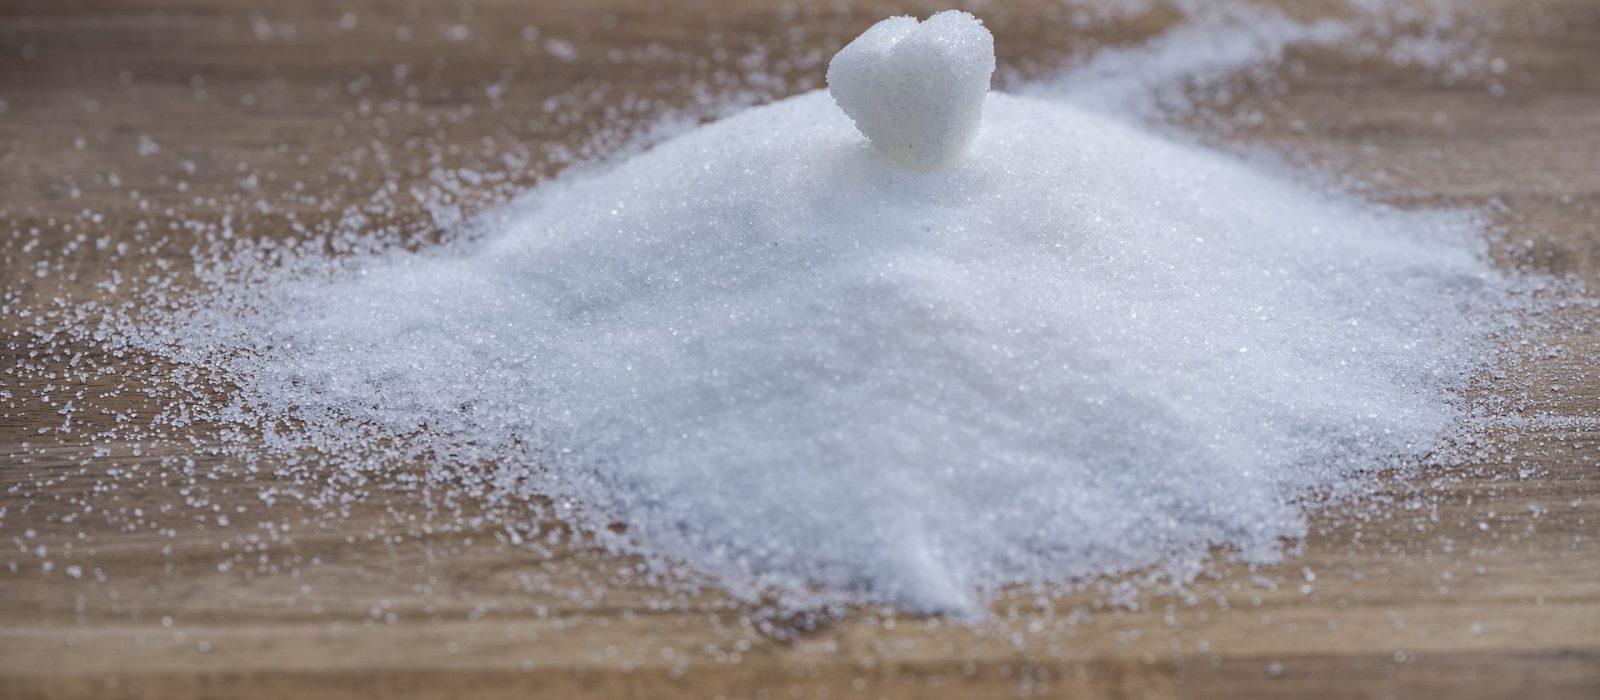 Existe açúcar bom?